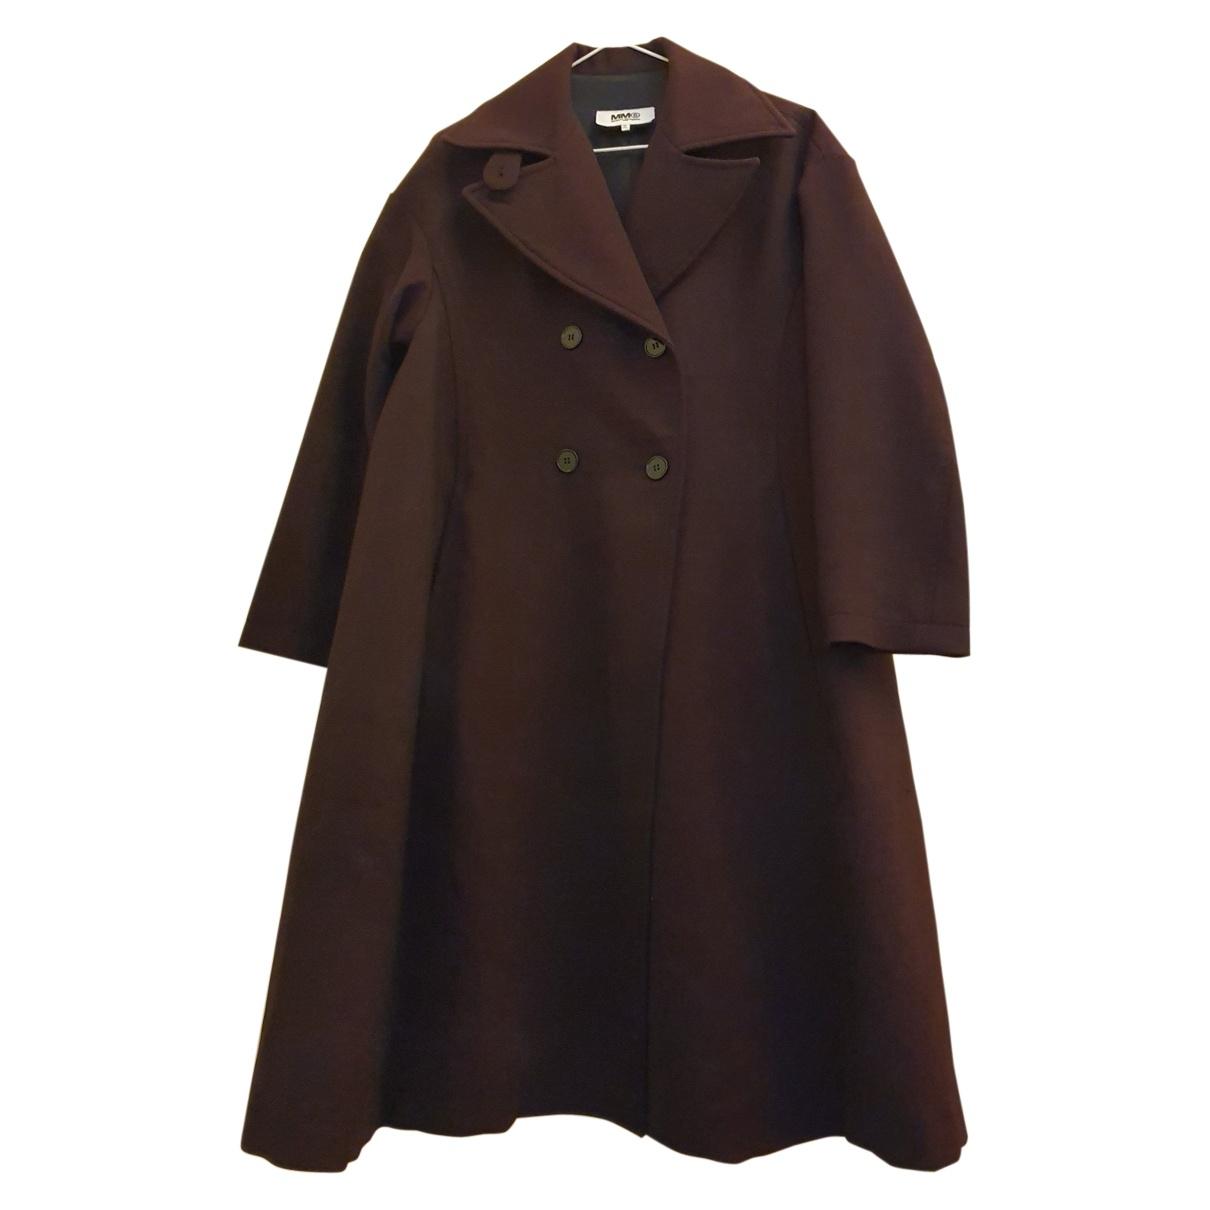 Mm6 \N Purple Wool coat for Women 42 IT